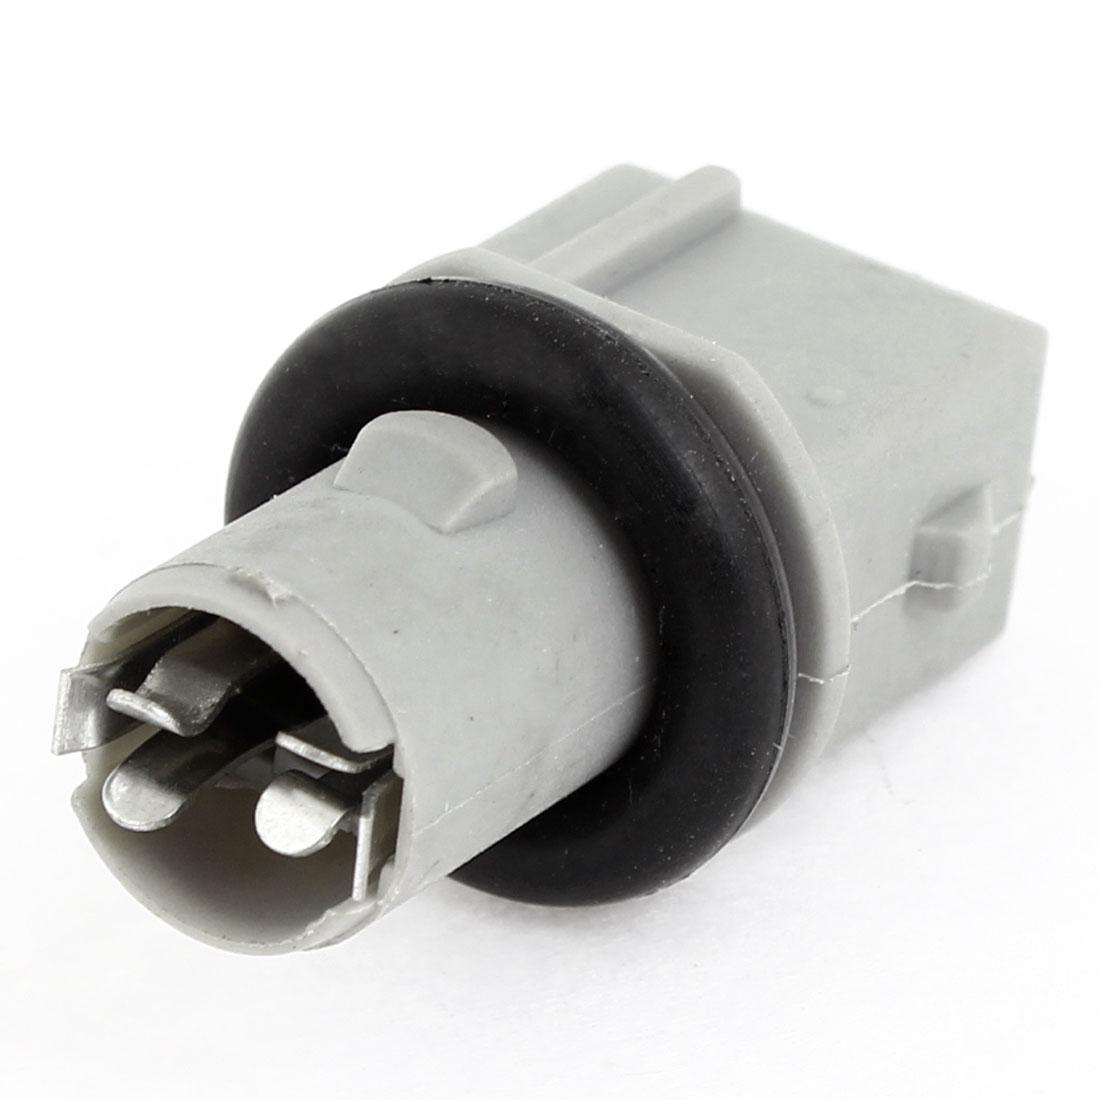 T15 Black Gray Plastic Brake Stop Back up Light Socket for Car